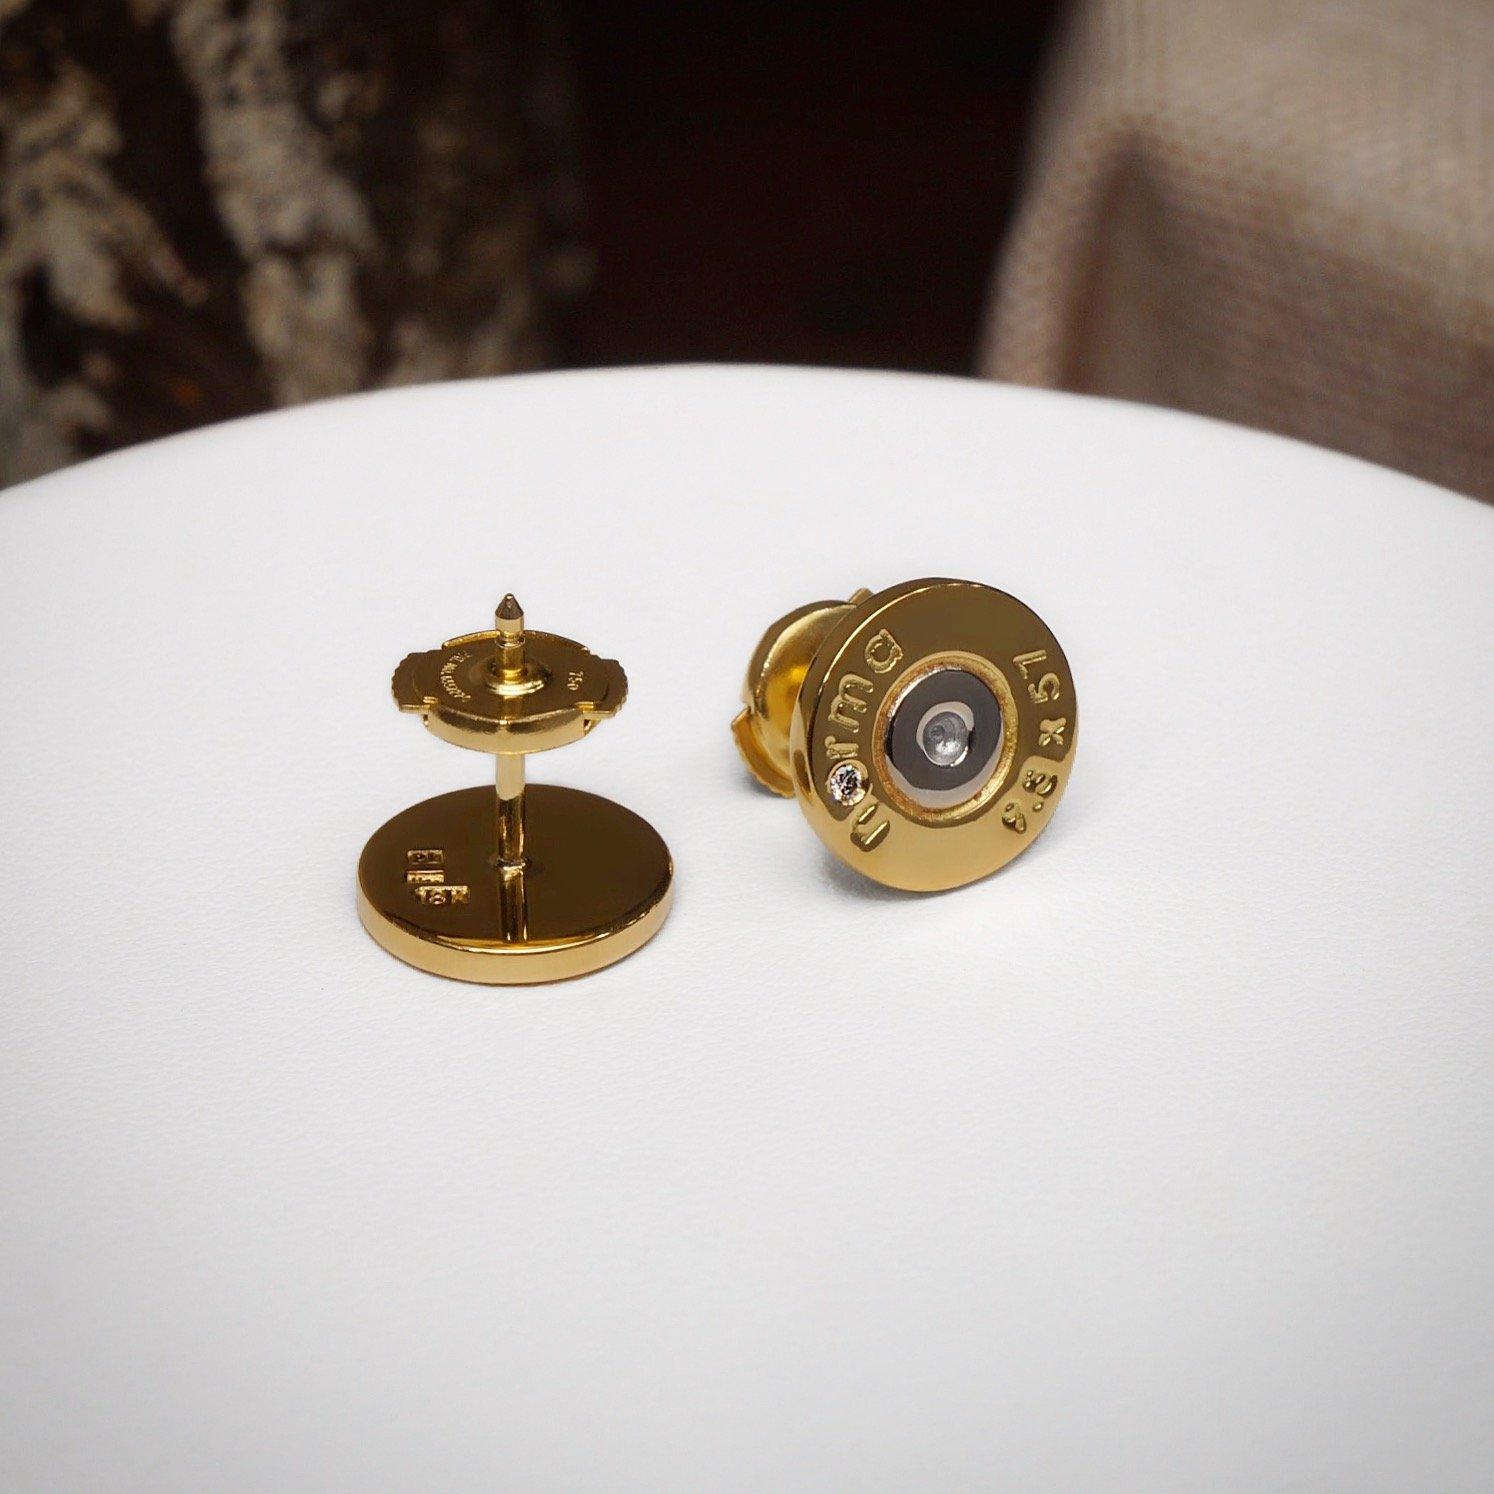 MULTICOLOR PETITE EARRINGS IN 18K GOLD.